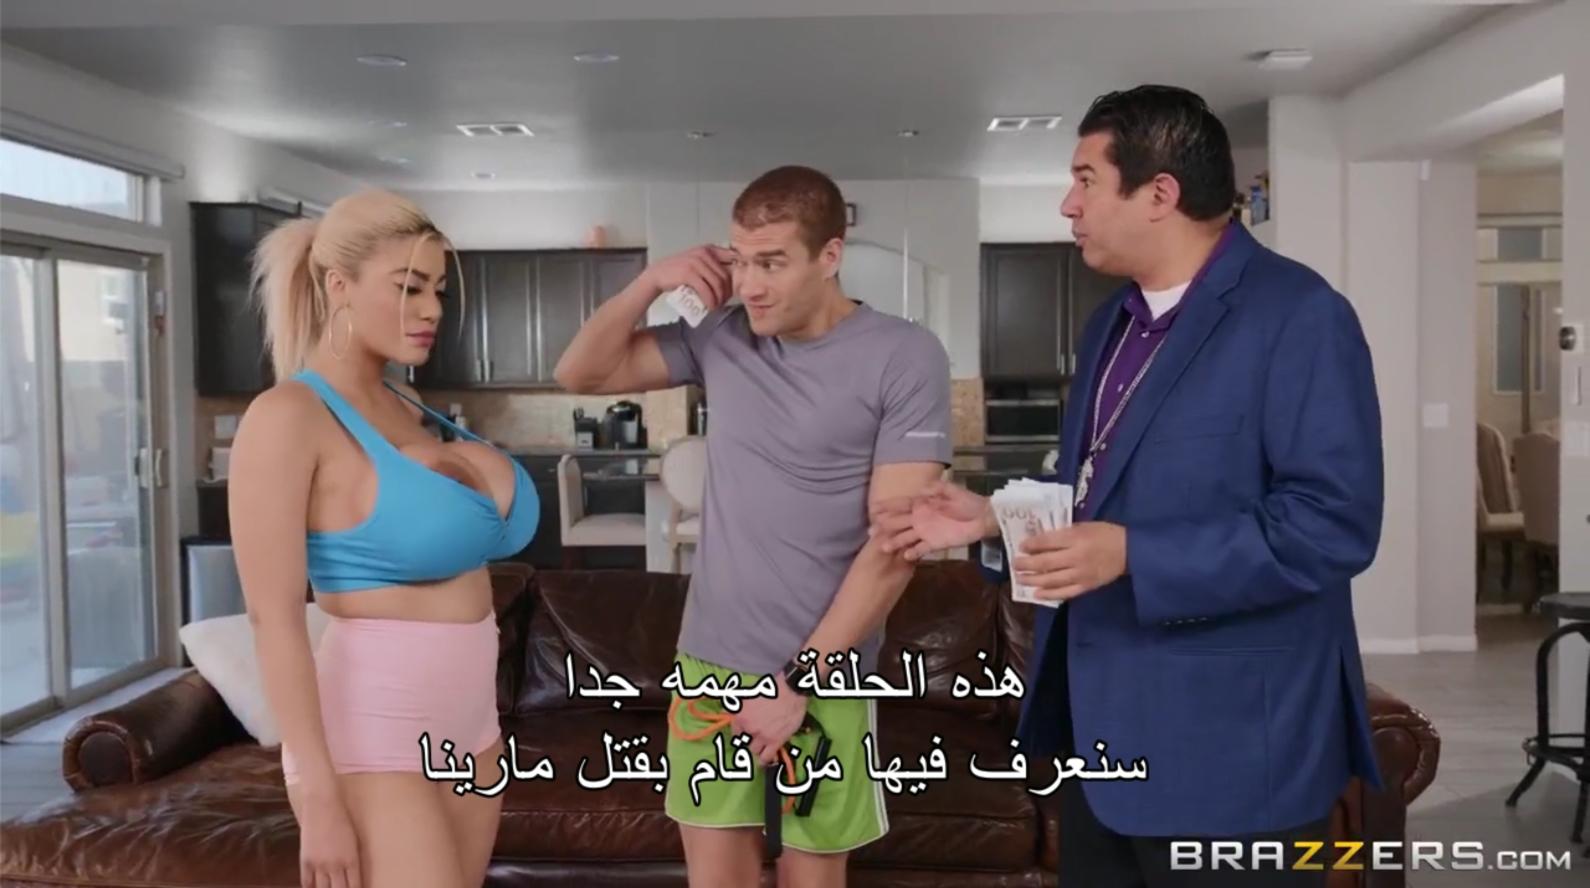 البزاز الكبيرة تجعل المدرب الخاص ينيك الزوجة Xxx أفلام عربية في